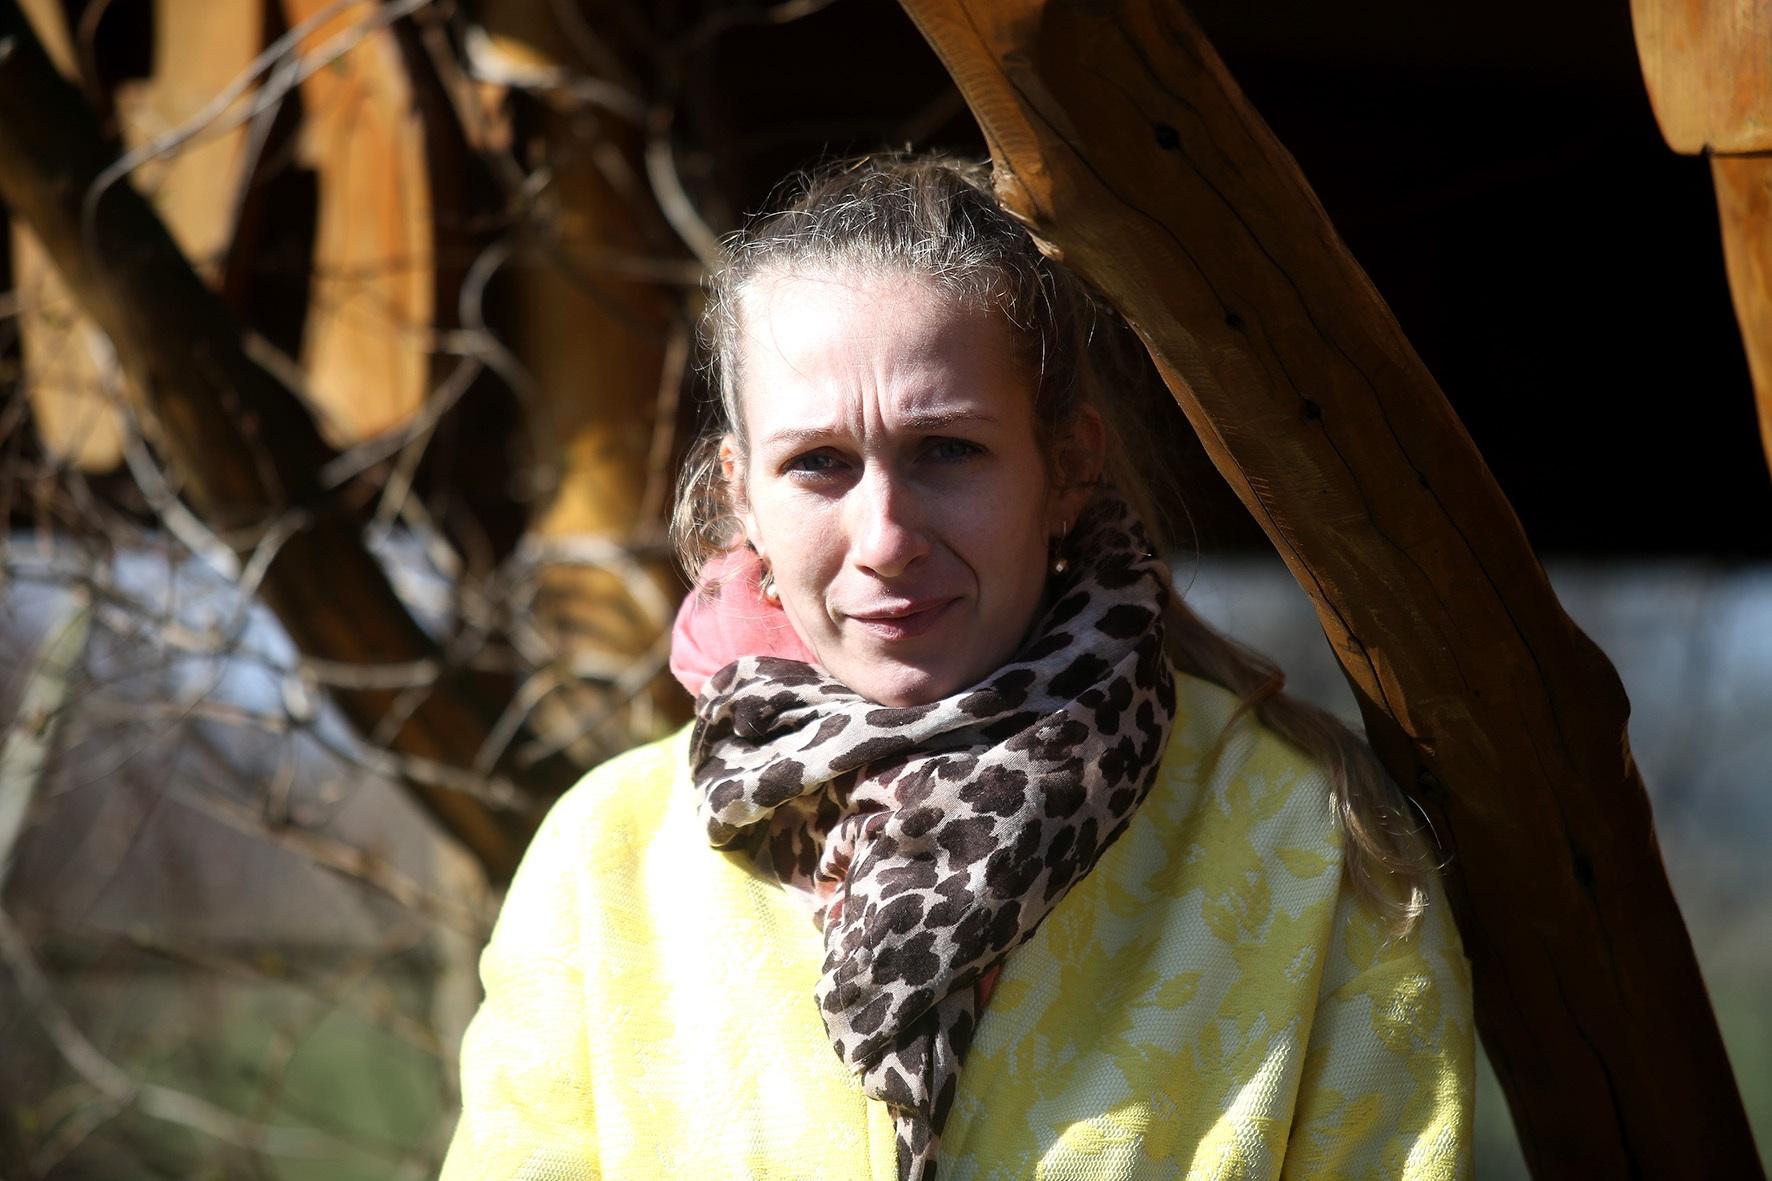 """Mantviliškio bendruomenės pirmininkė Simona Kurelaitienė tikina, kad didesnė baimė dėl vis sparčiau plintančio koronaviruso apima nuvykus į miestą. / Algimanto Barzdžiaus / """"Rinkos aikštės"""" archyvo nuotr."""